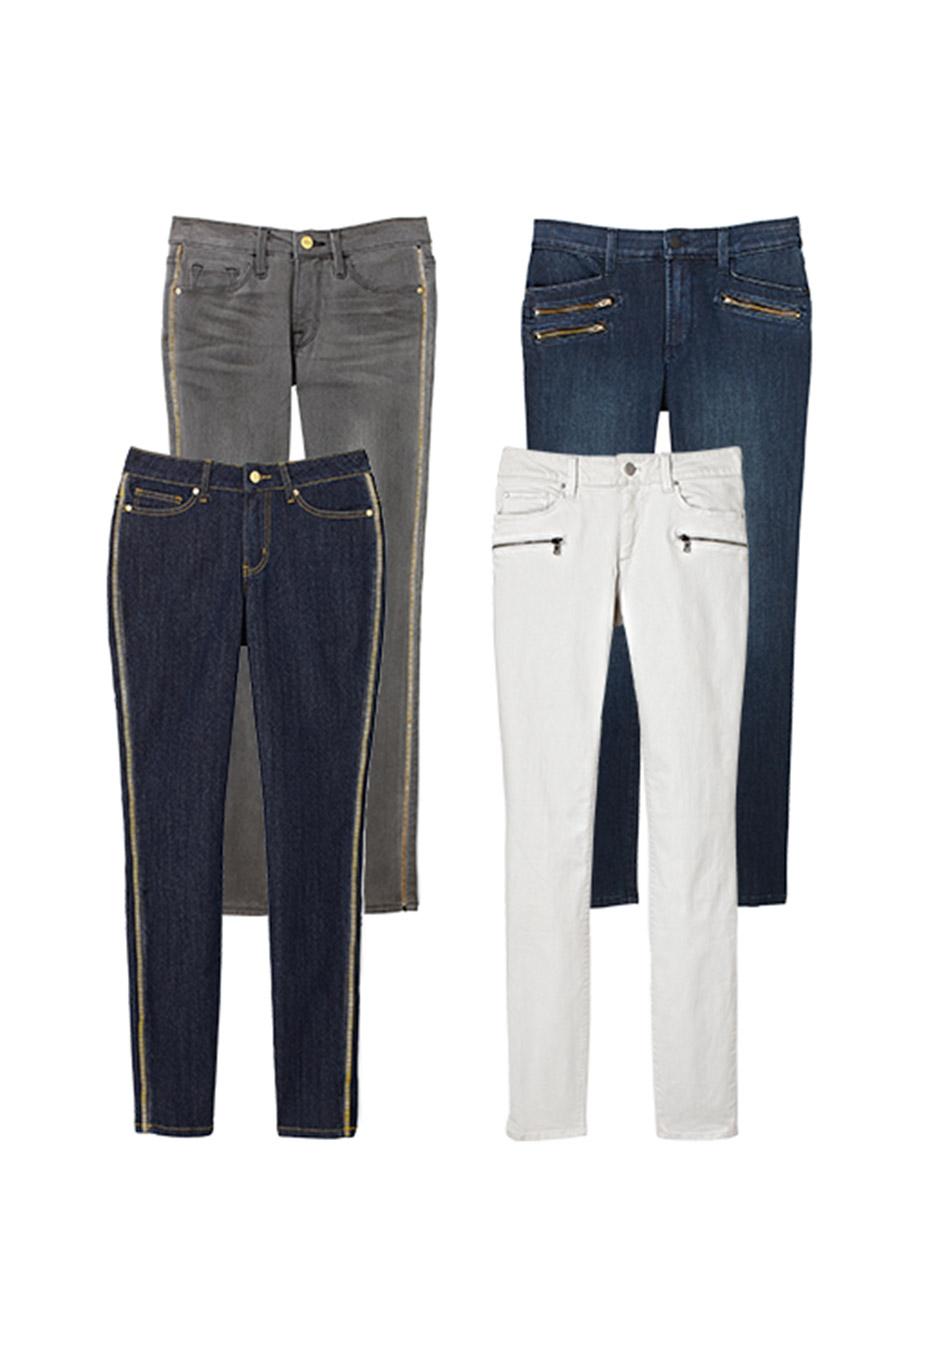 джинсовые вещи, модные тренды осень 2014:  молнии на швах и карманах